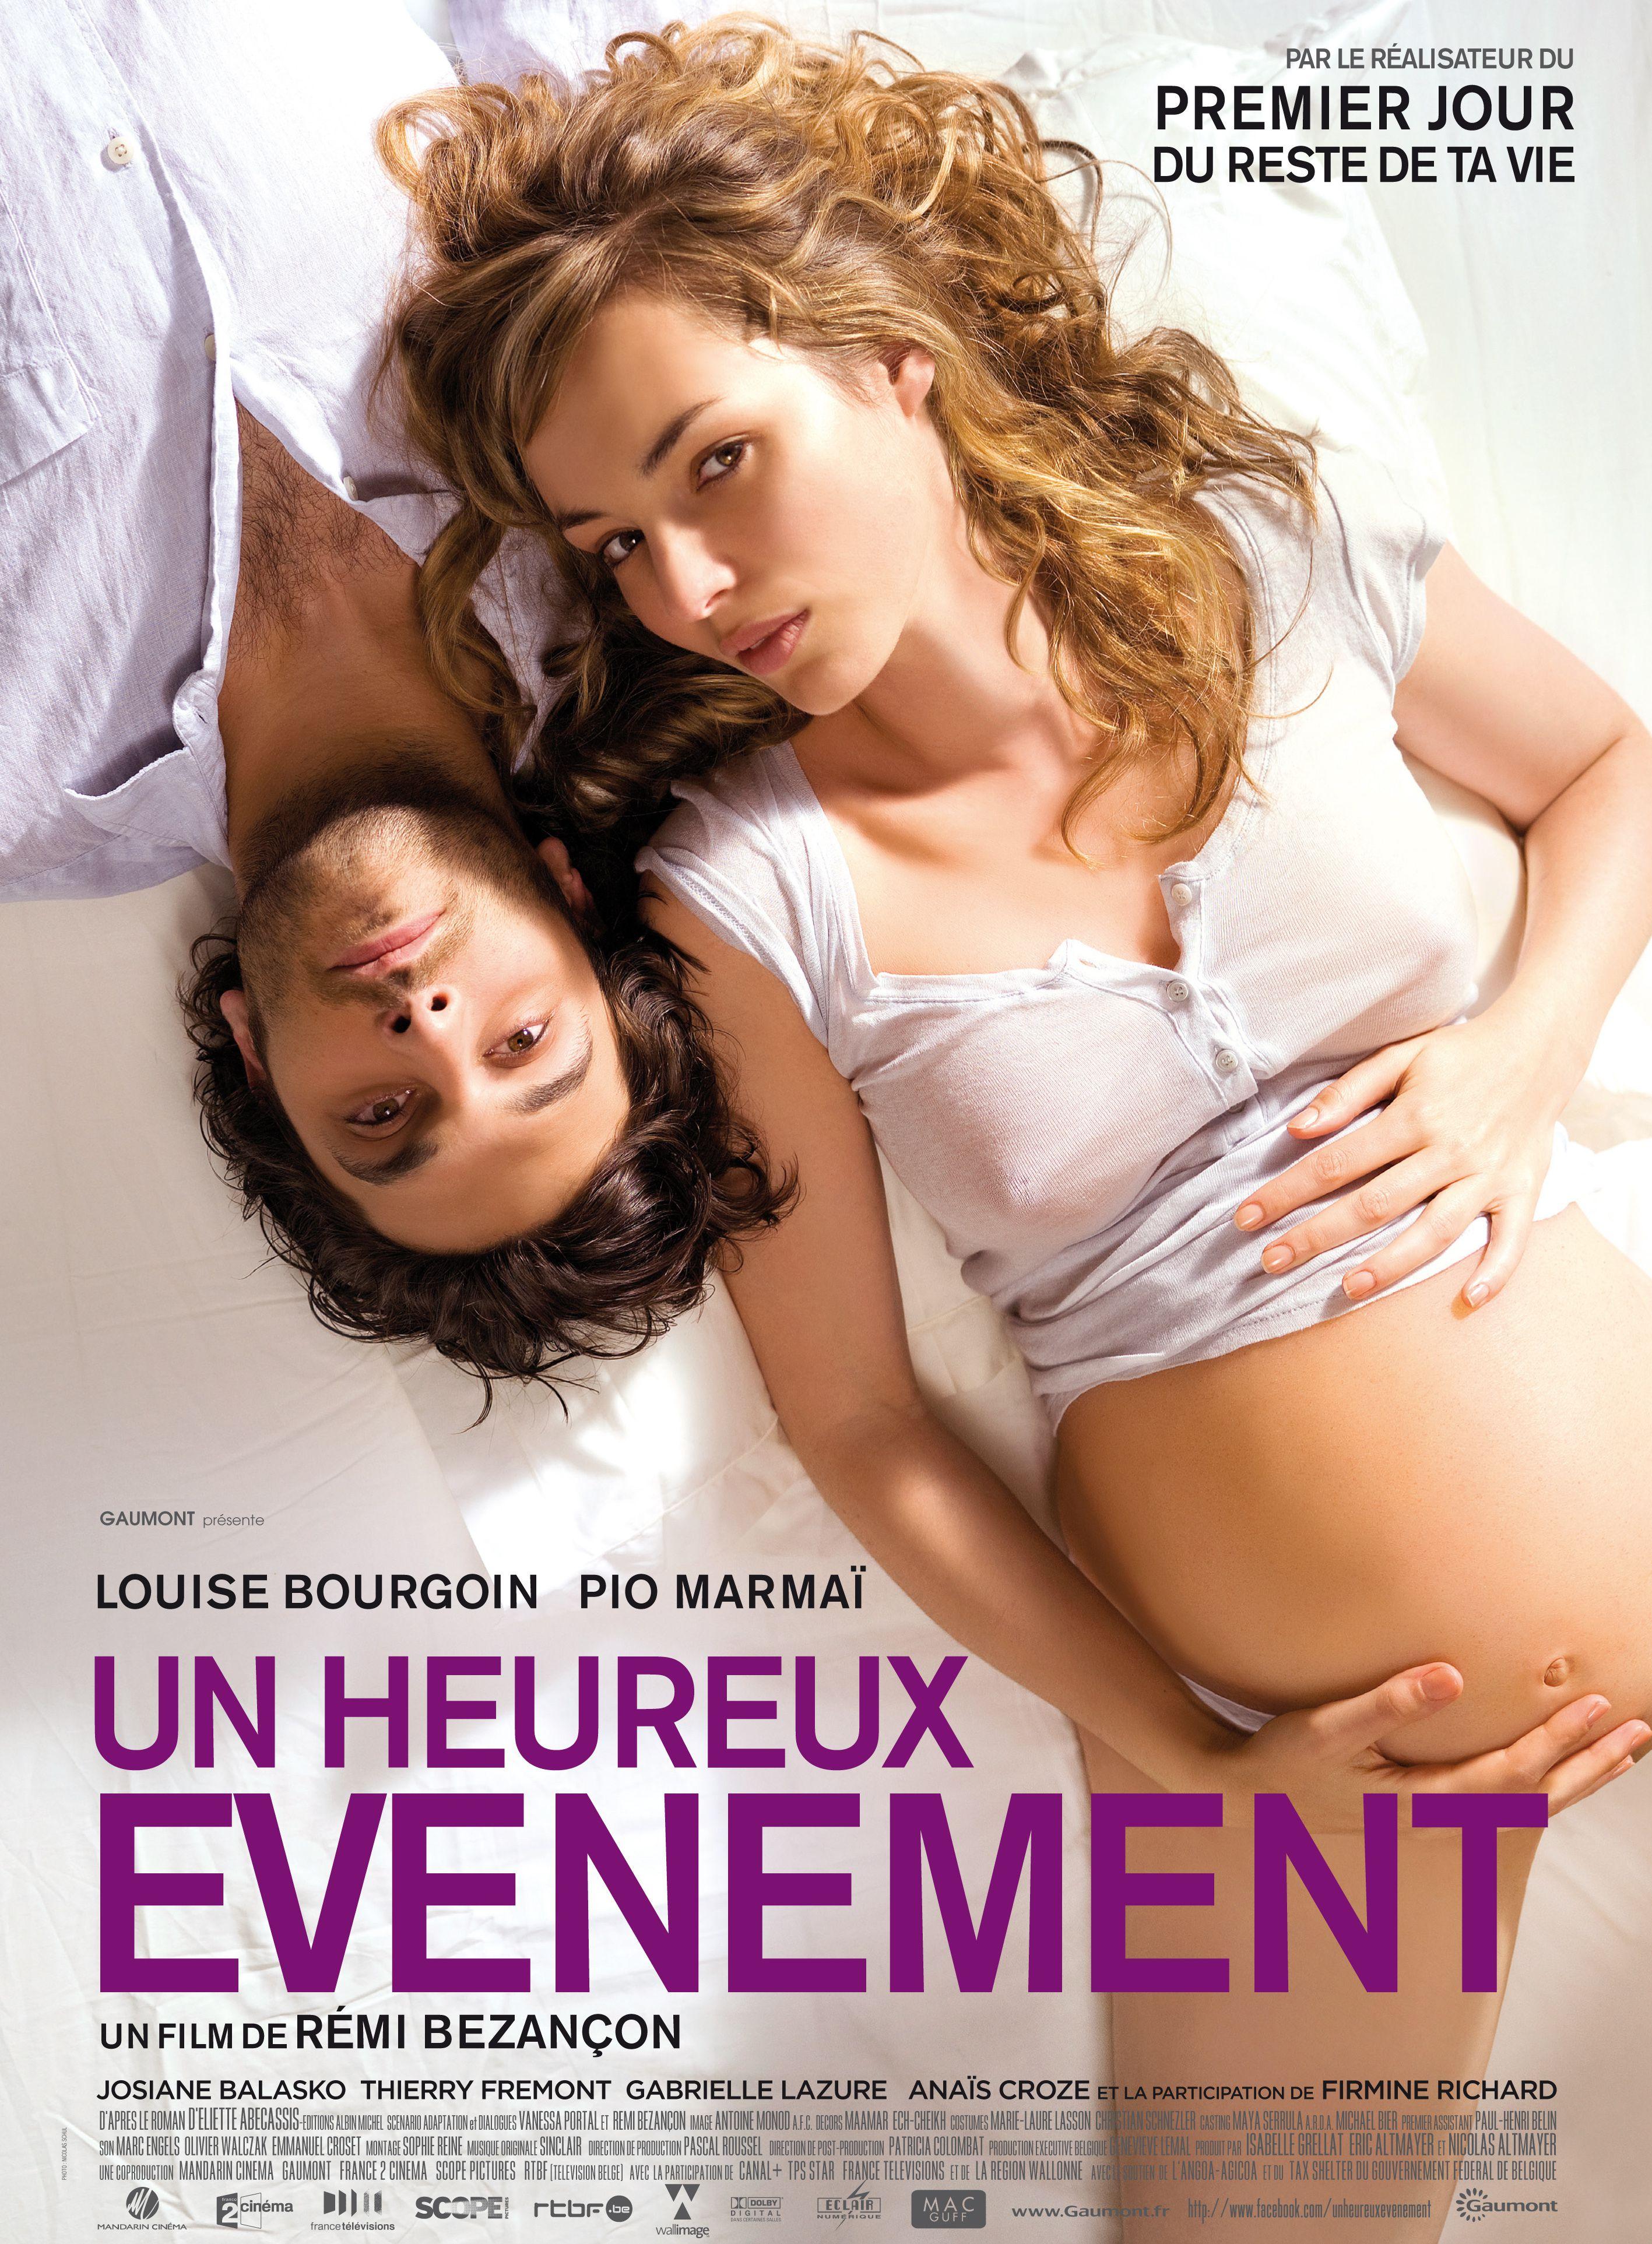 Un heureux événement - Film (2011)